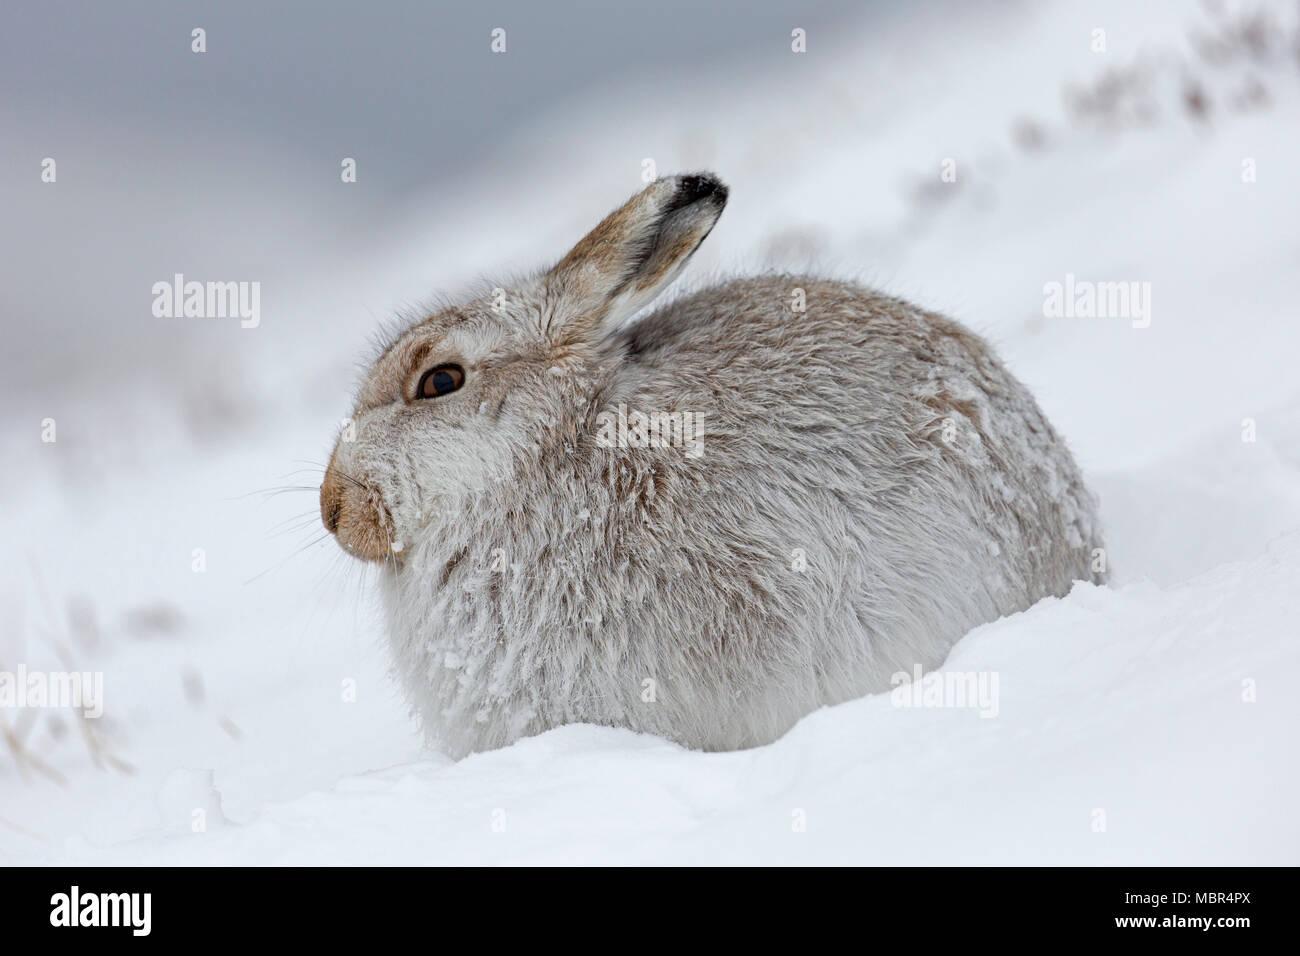 La lepre bianca / lepre alpina / neve lepre (Lepus timidus) in bianco inverno pelage poggiante sulla collina durante la tempesta di neve Immagini Stock